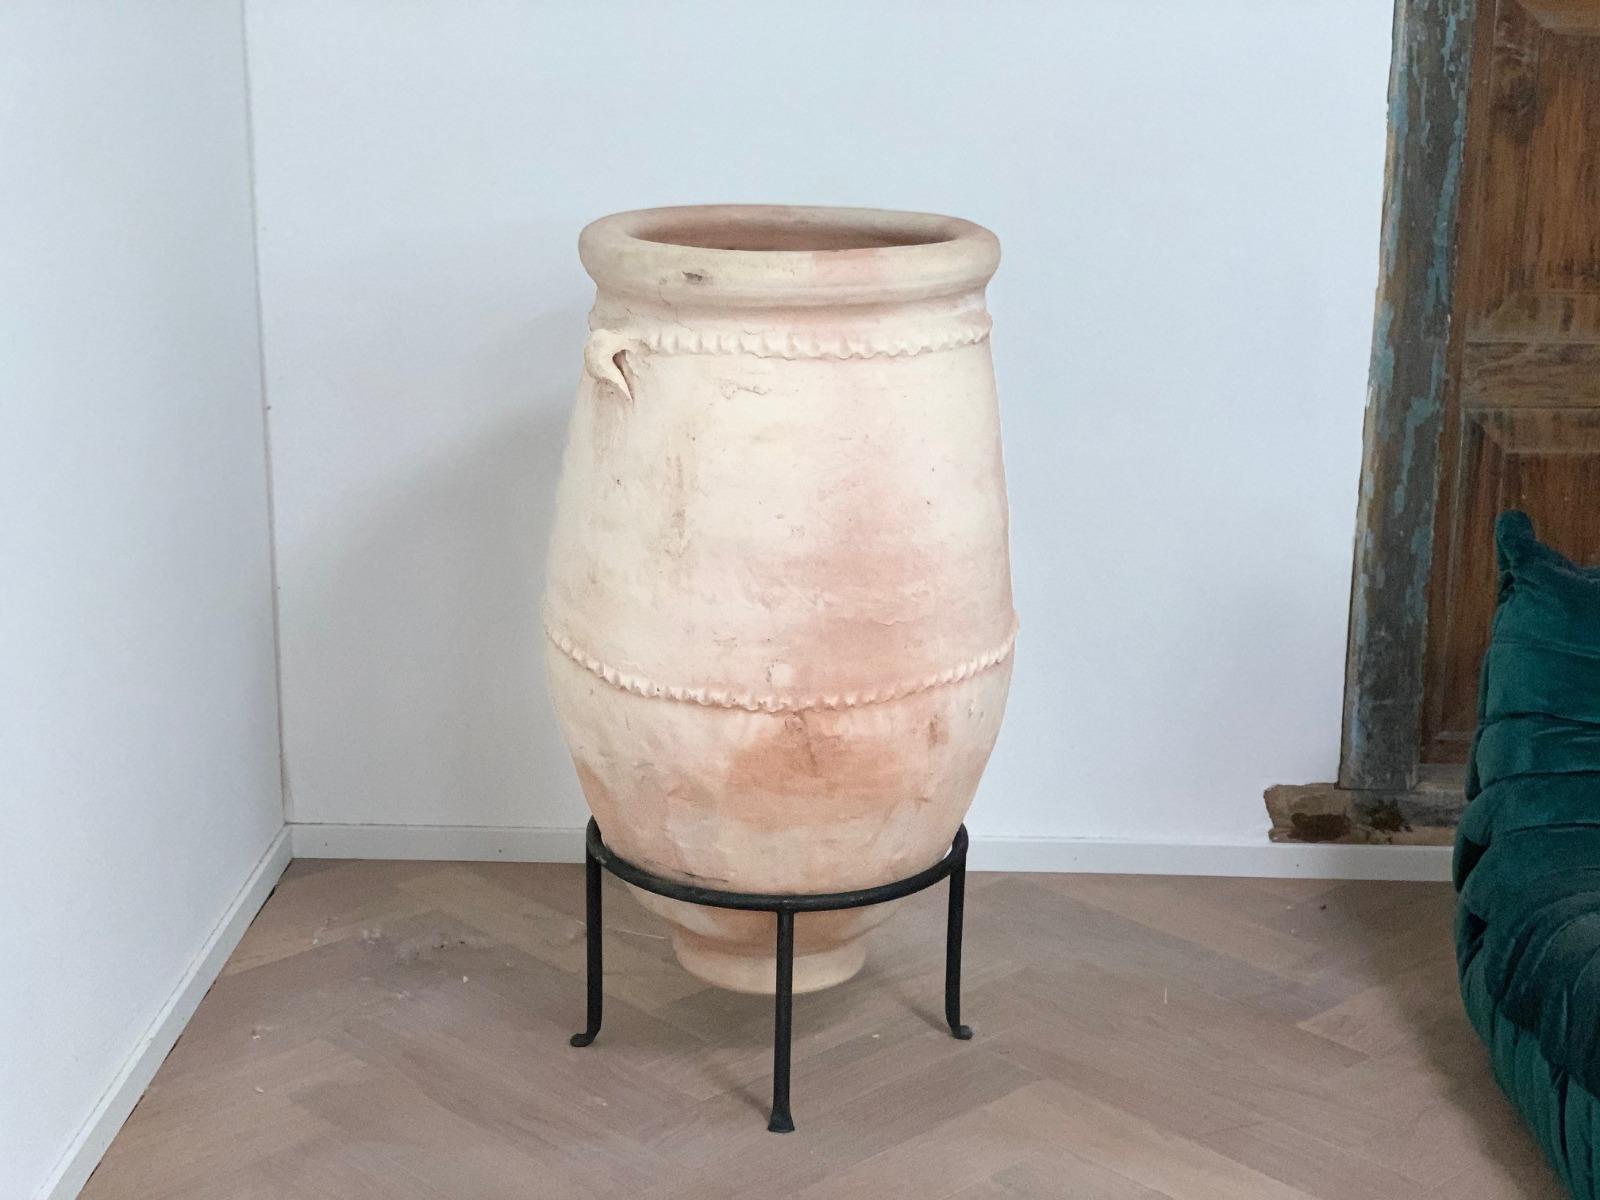 Pot aarderwerk 100cm hoog en 65cm breed